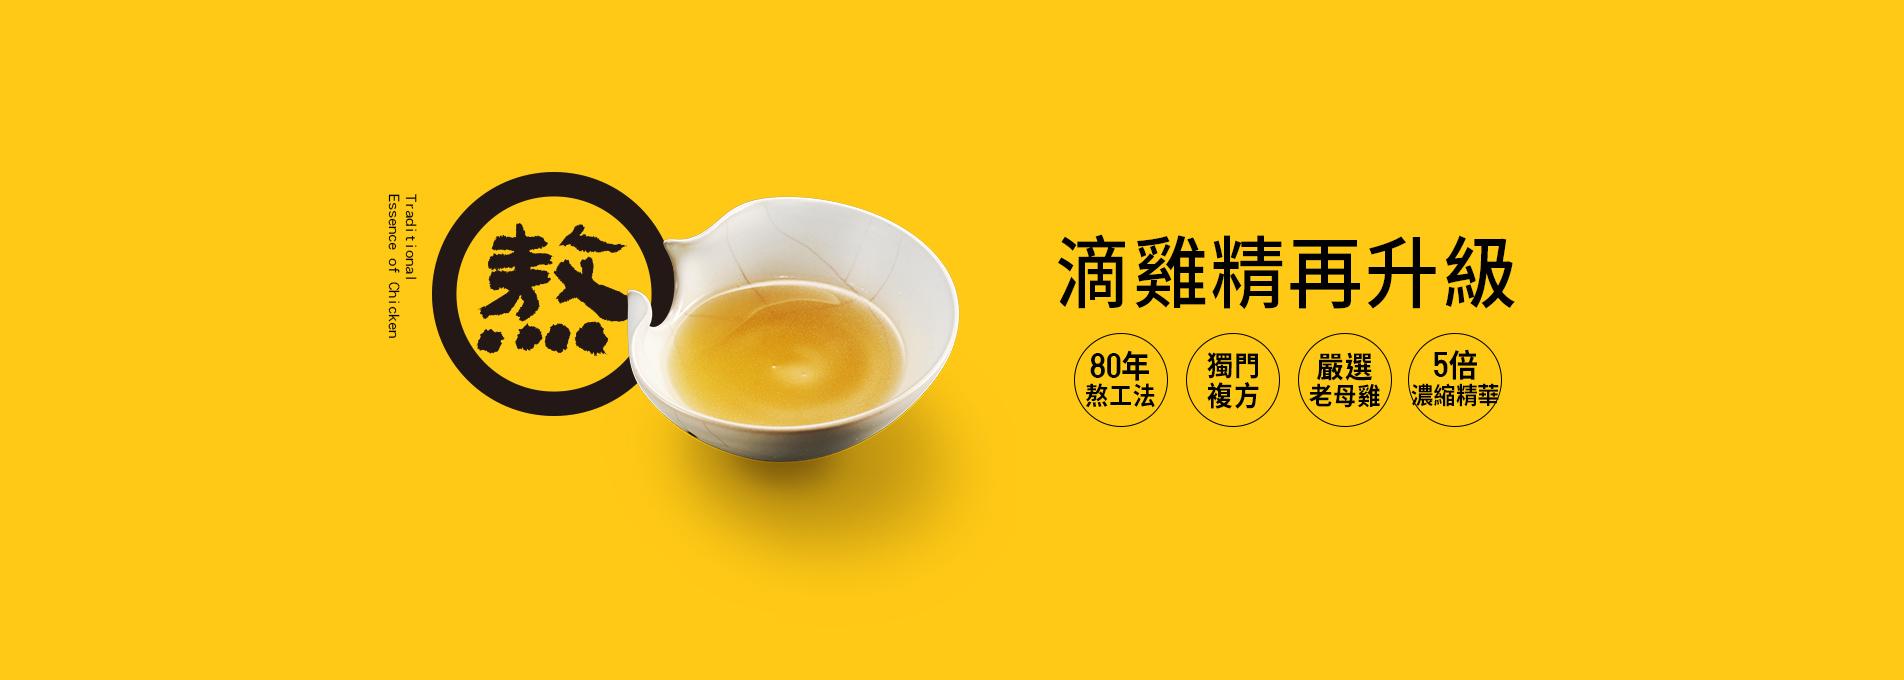 熬雞精禮盒(常溫/14入)